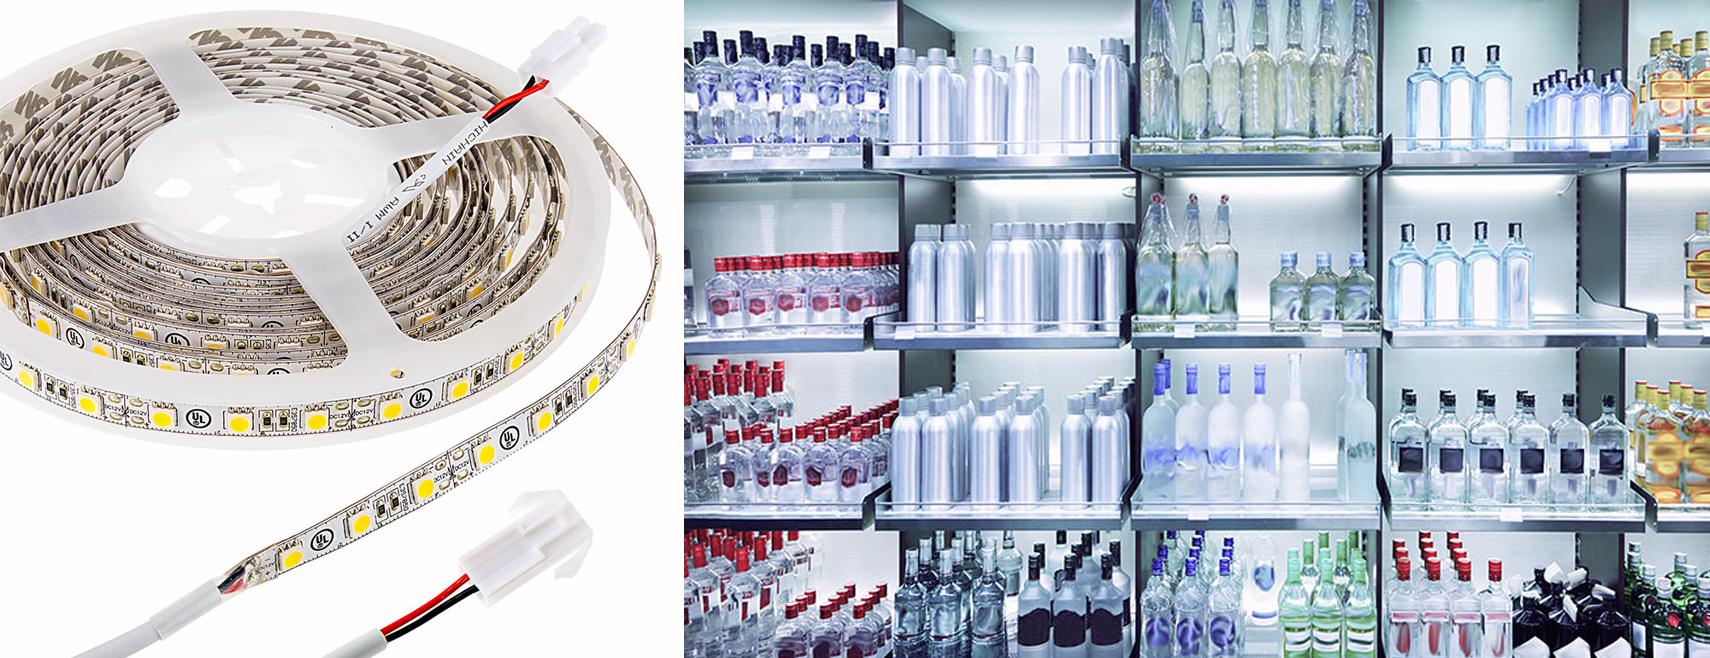 LED retail lighting - LED strip lights shelf lighting